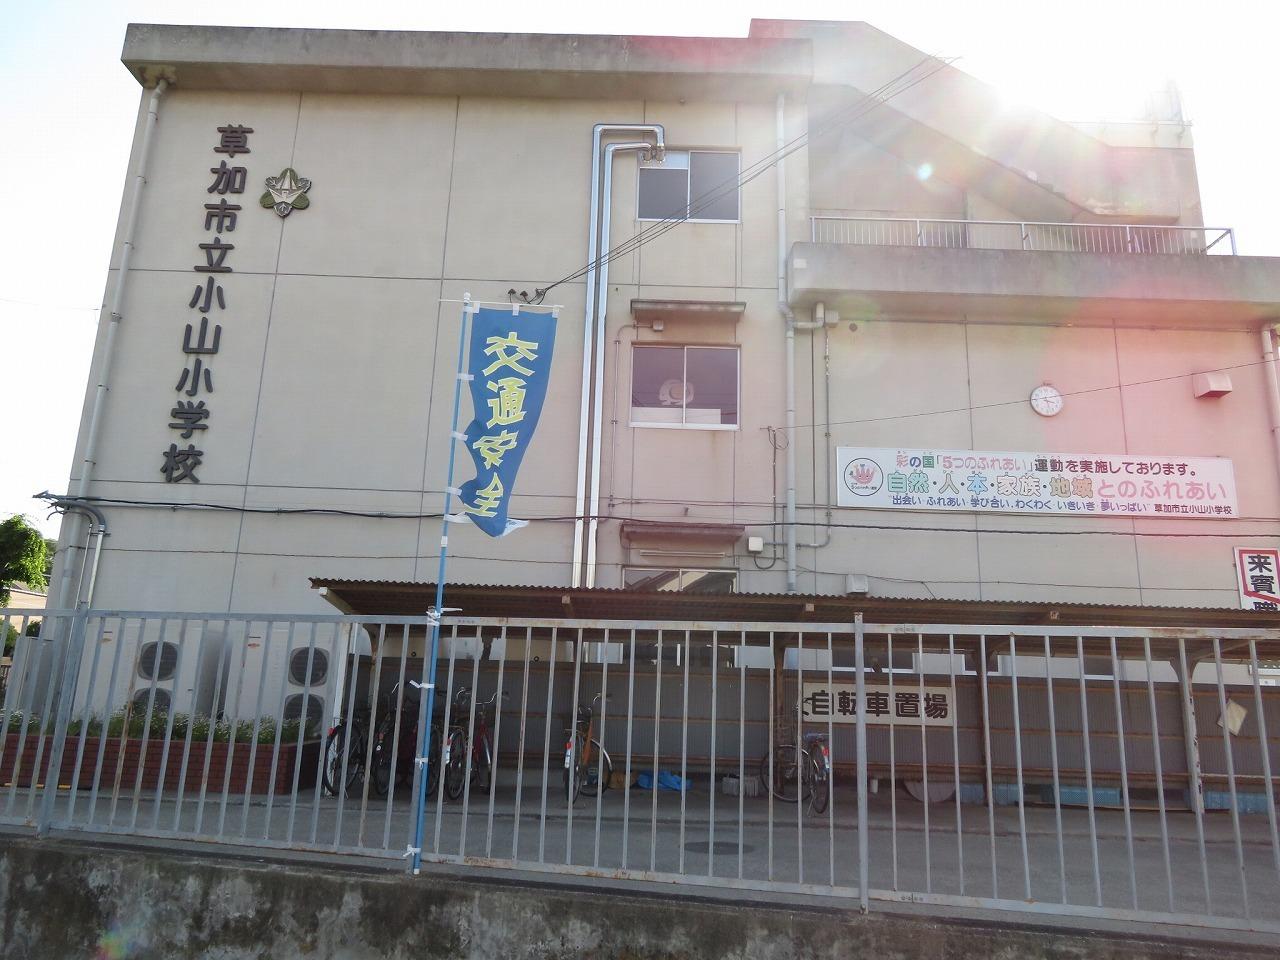 小学校徒歩約9分(約720m)m